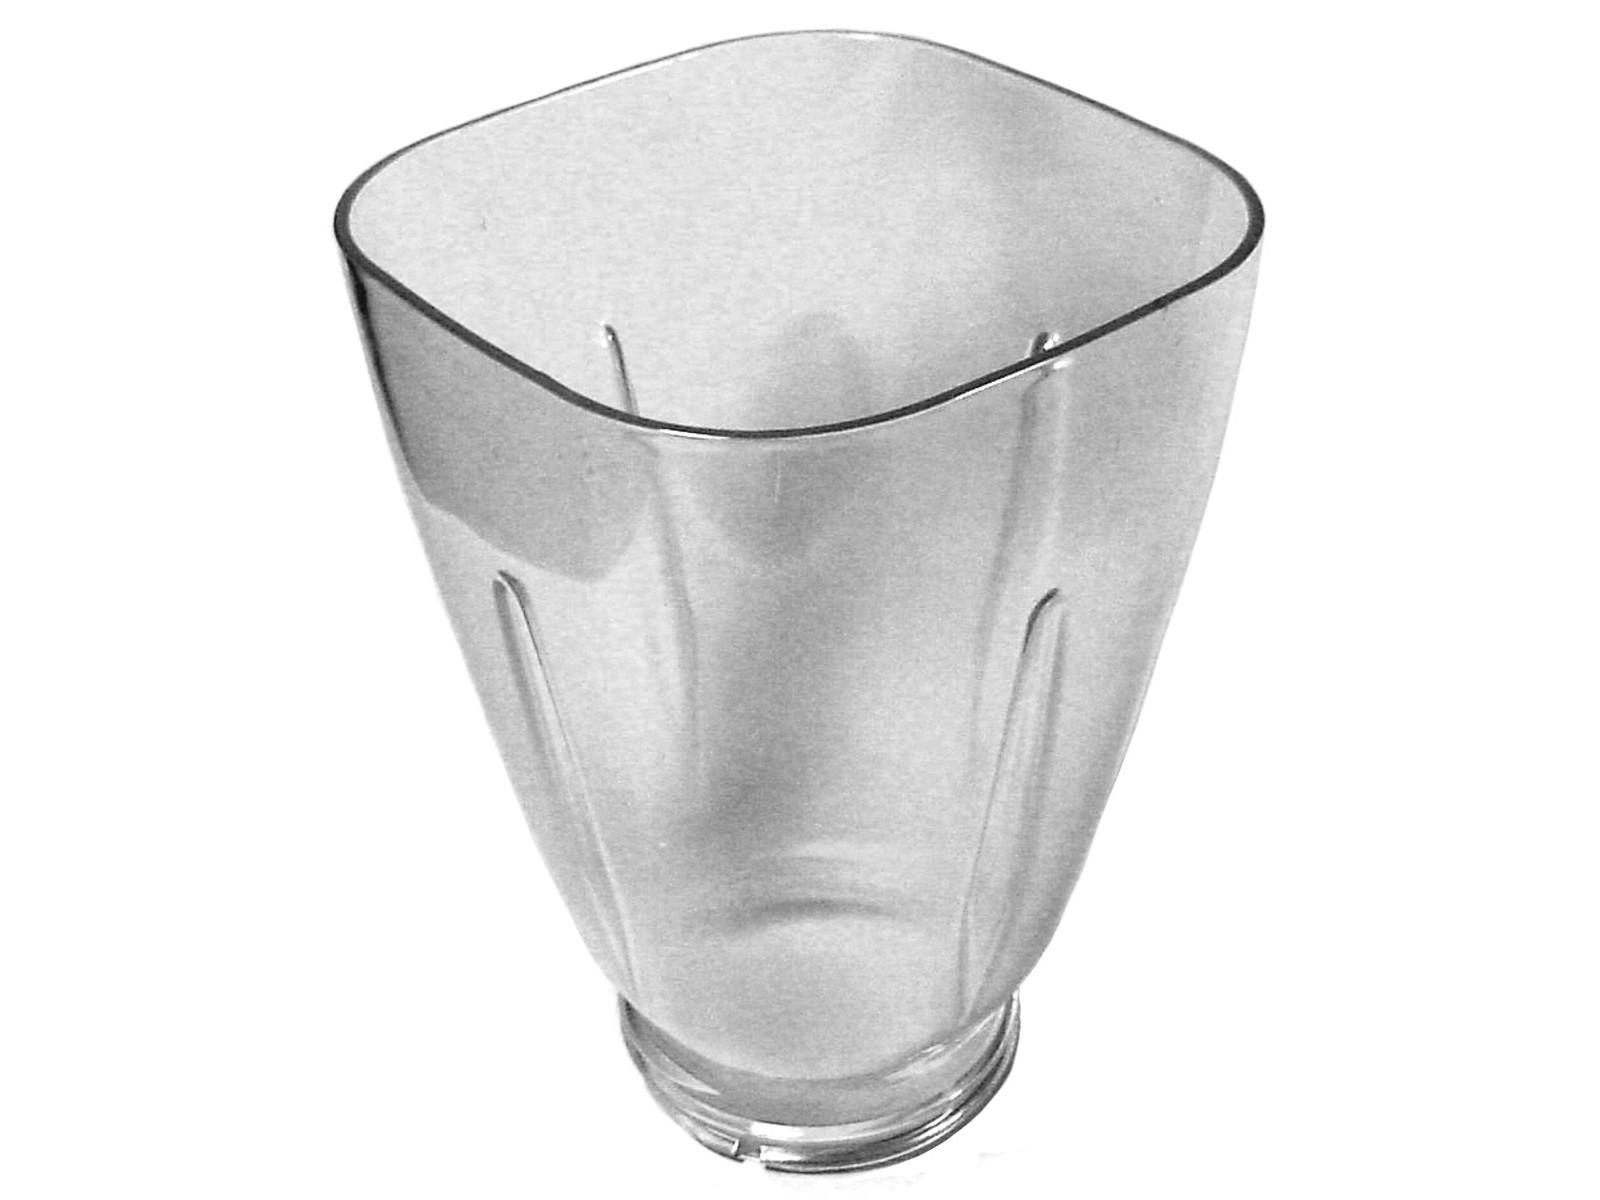 Blender Jar